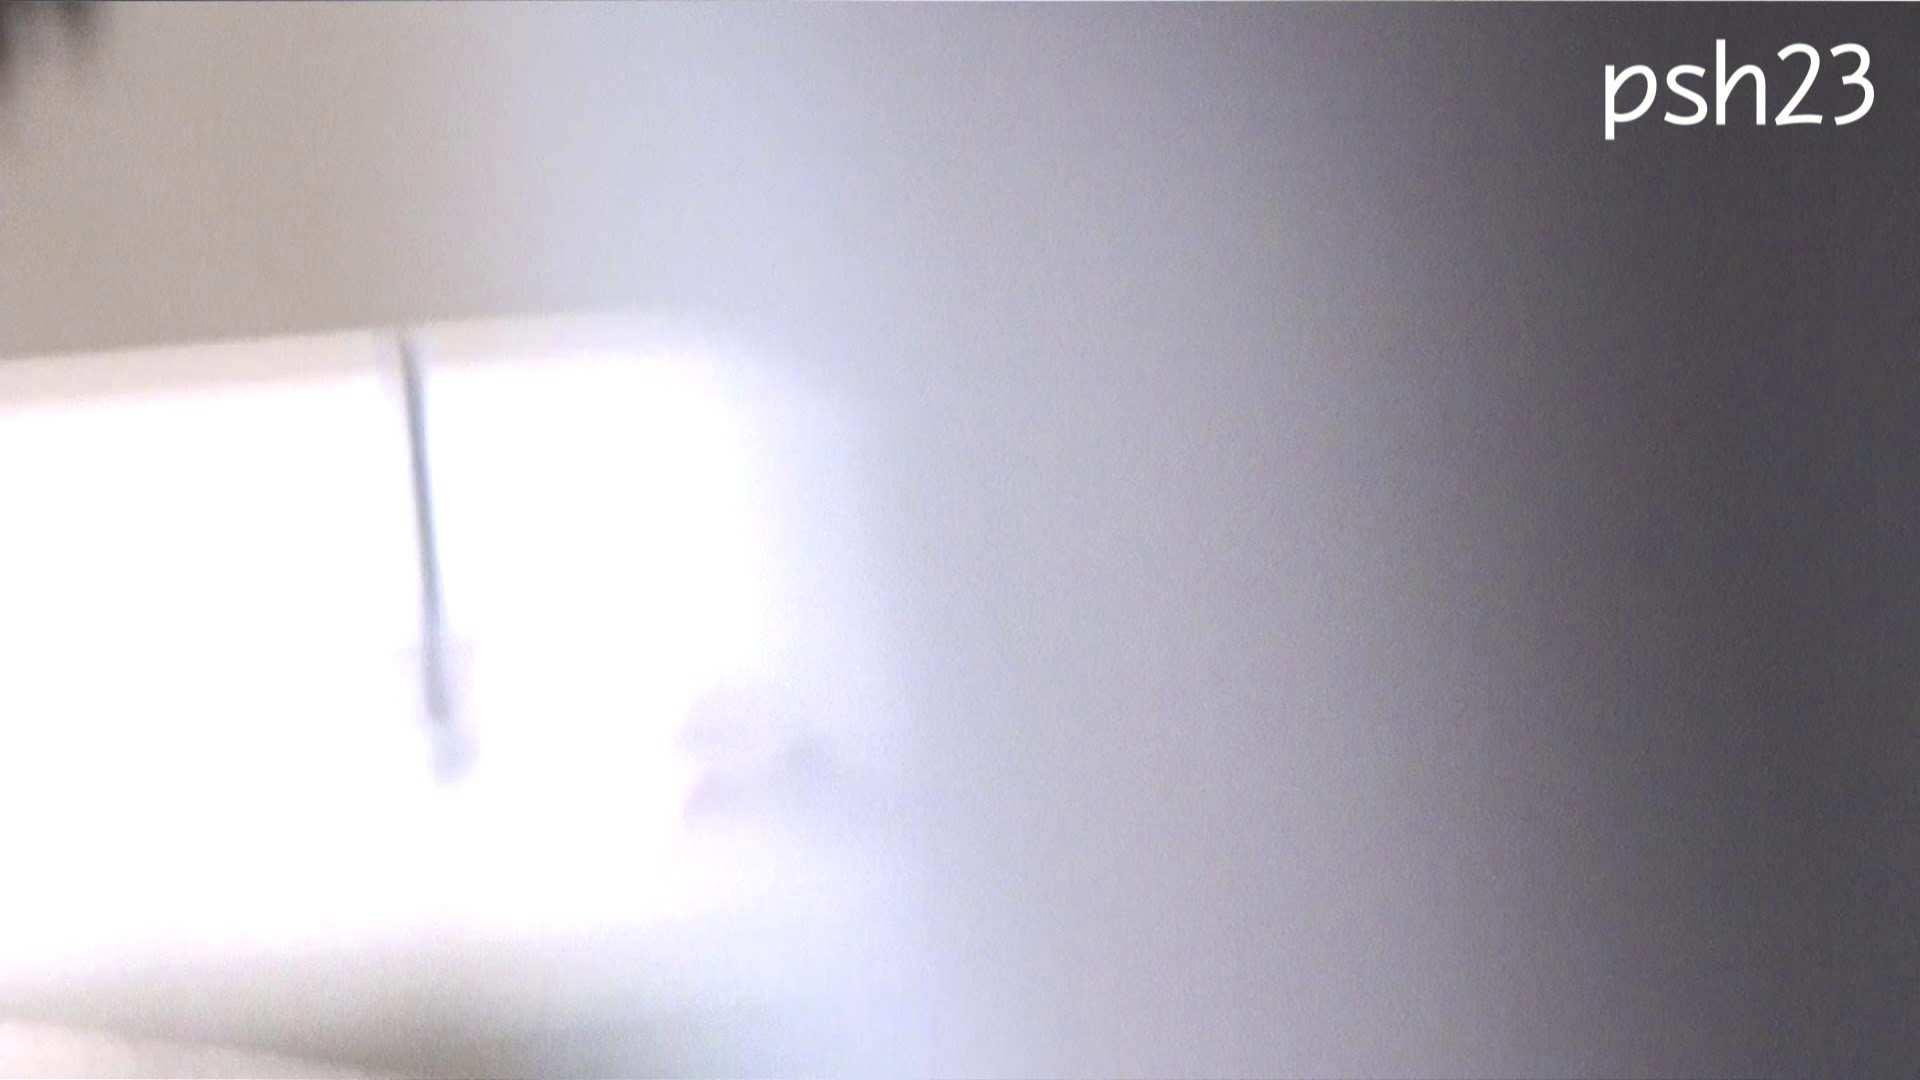 セックスアダルト動画 ▲復活限定▲ハイビジョン 盗神伝 Vol.23 怪盗ジョーカー